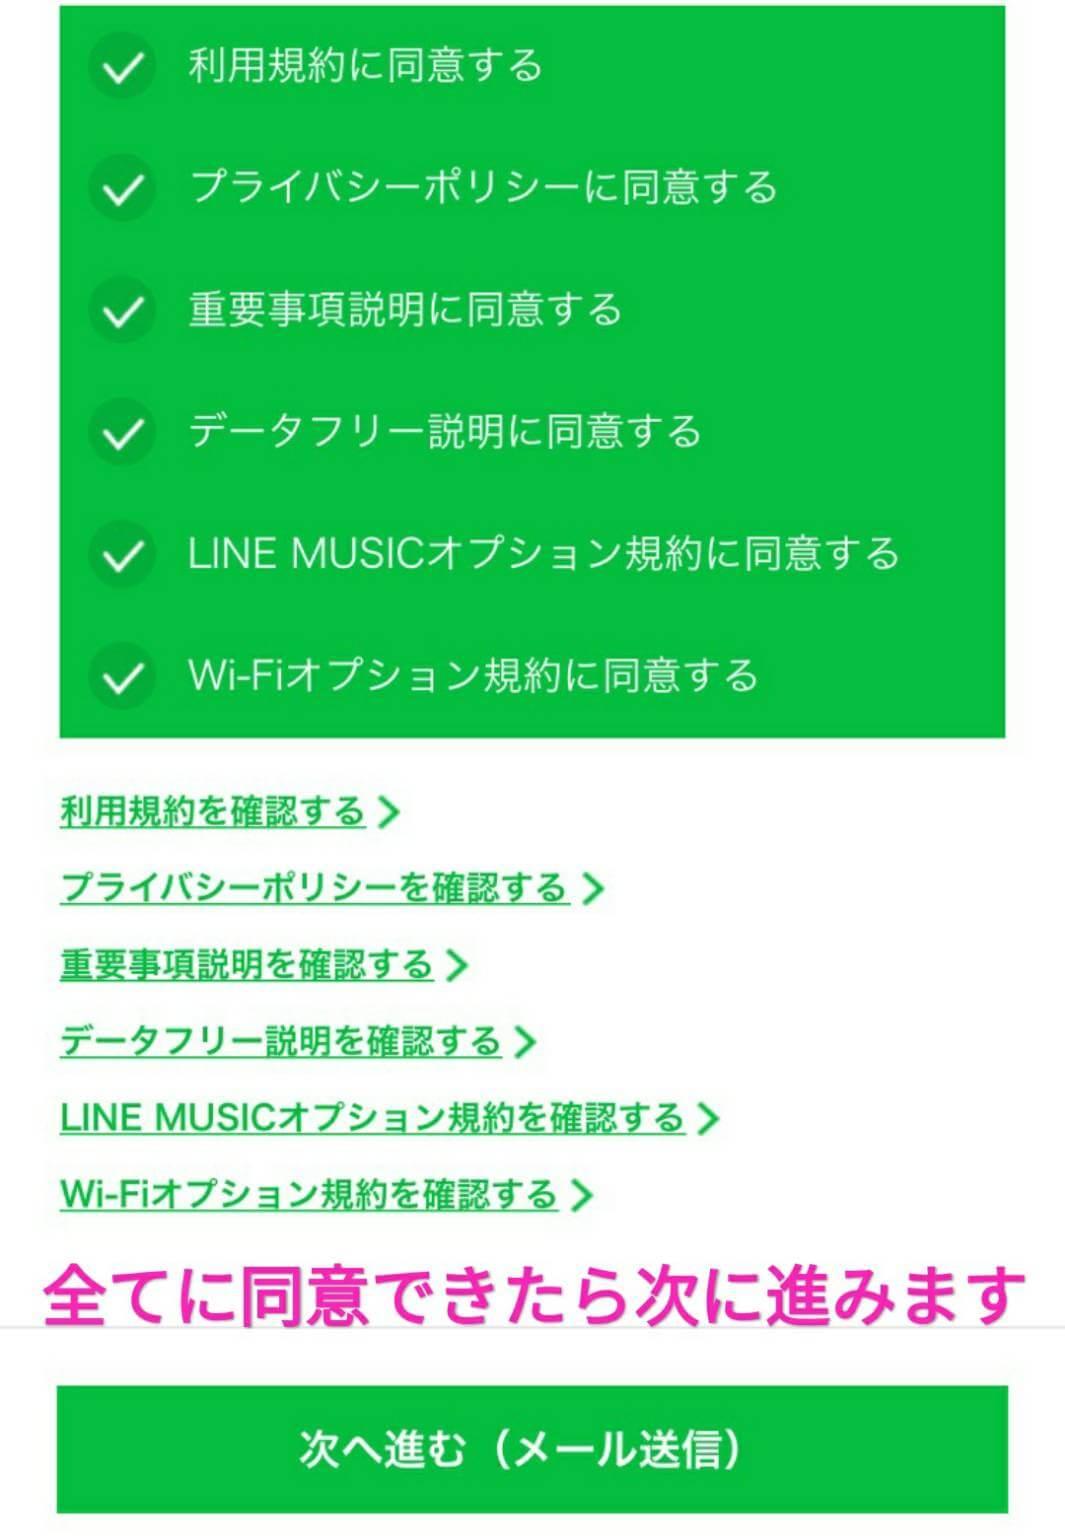 lineモバイルの利用規約